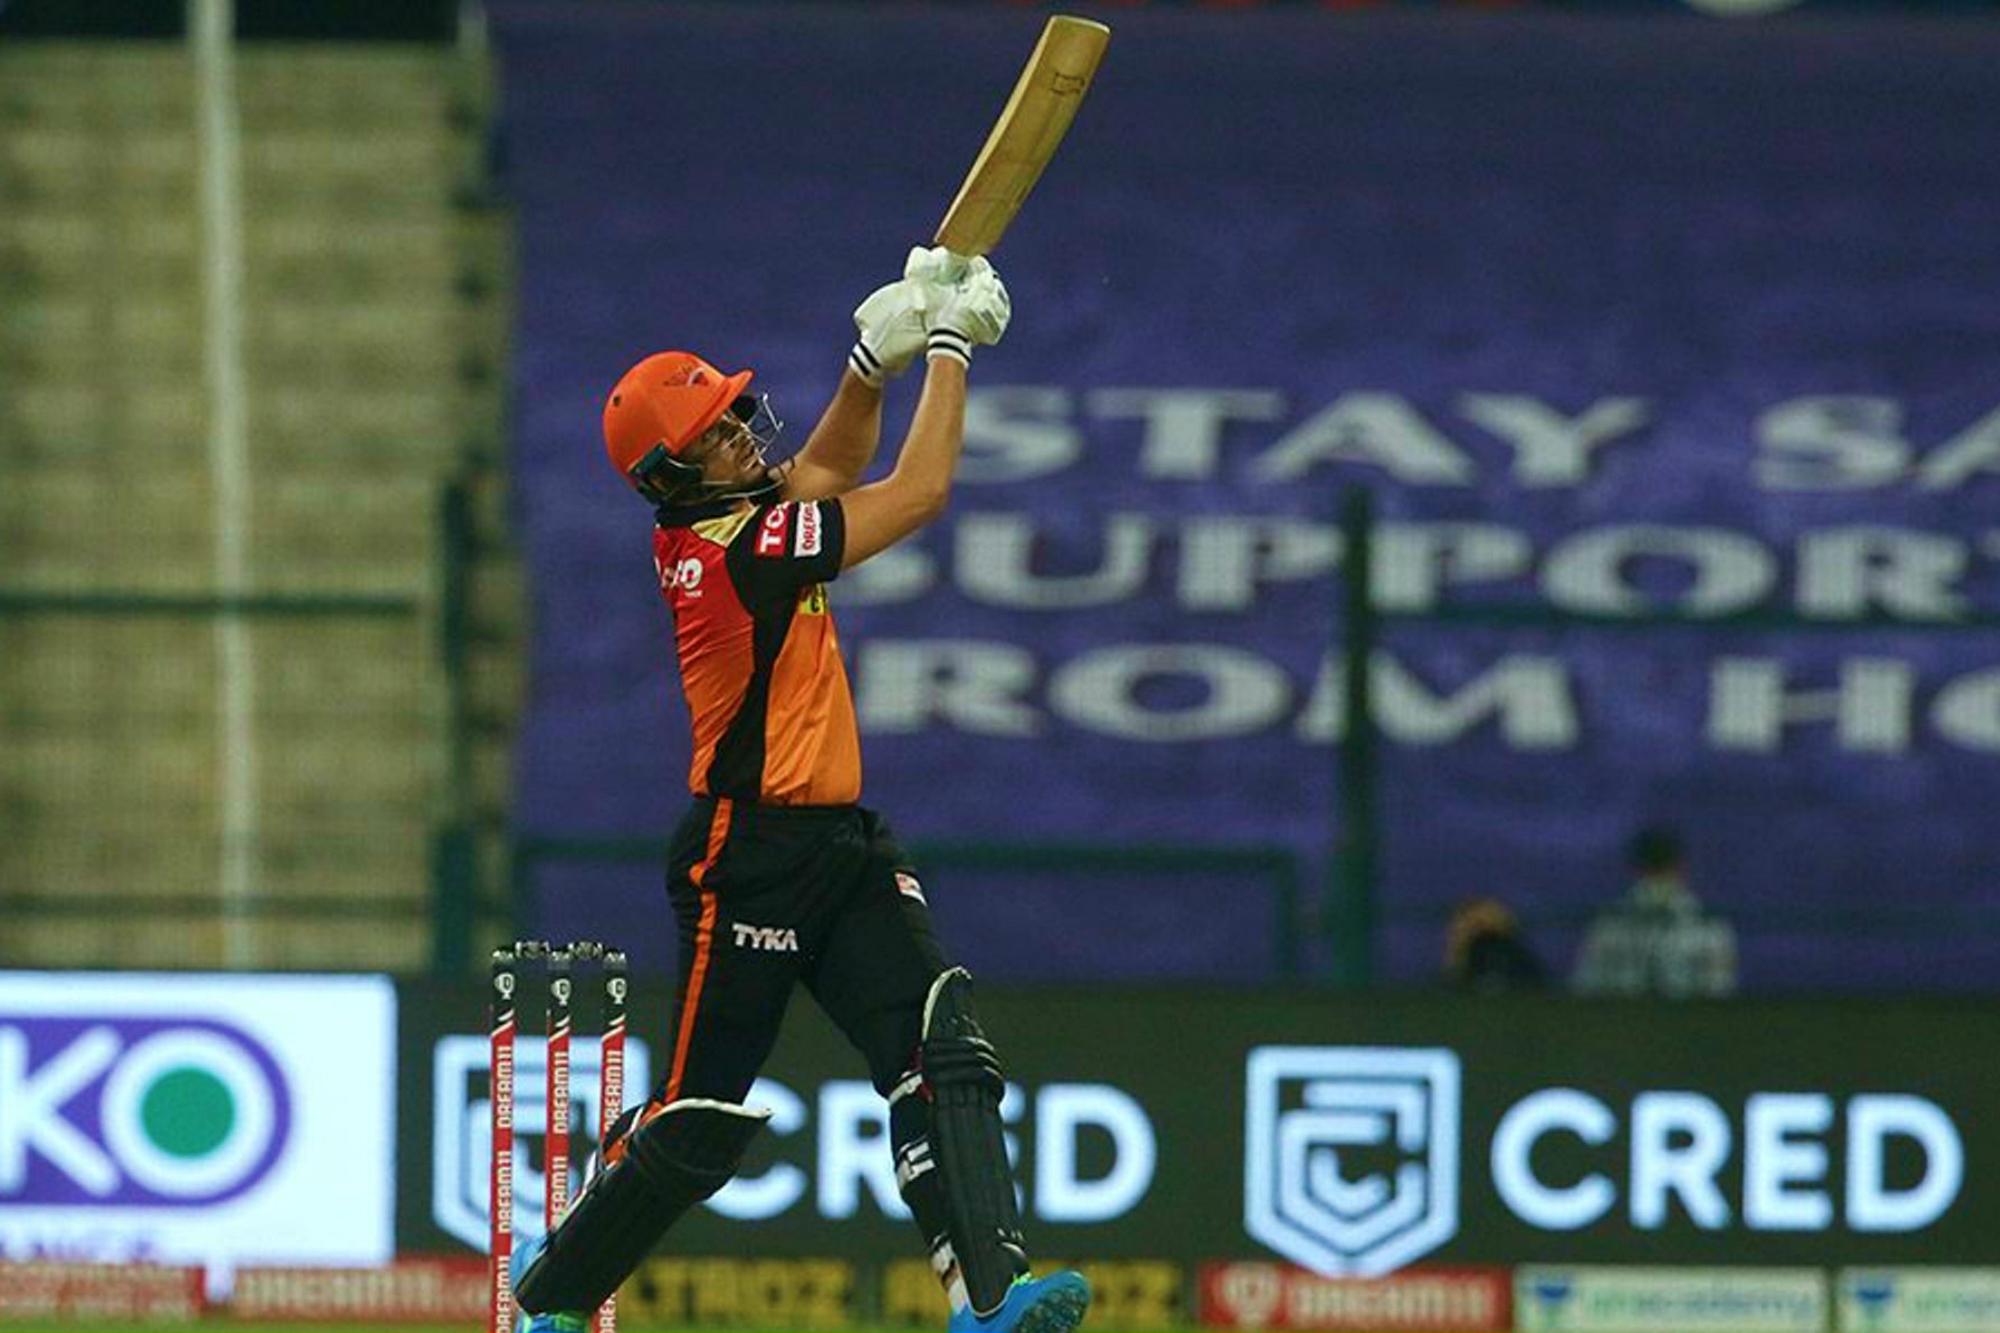 अब्दुल समद टूर्नामेंट में खेलने वाले जम्मू-कश्मीर के चौथे क्रिकेटर बने, हैदराबाद के लिए डेब्यू मैच में 7 बॉल पर 12 रन बनाए IPL 2020,IPL 2020 - Dainik Bhaskar